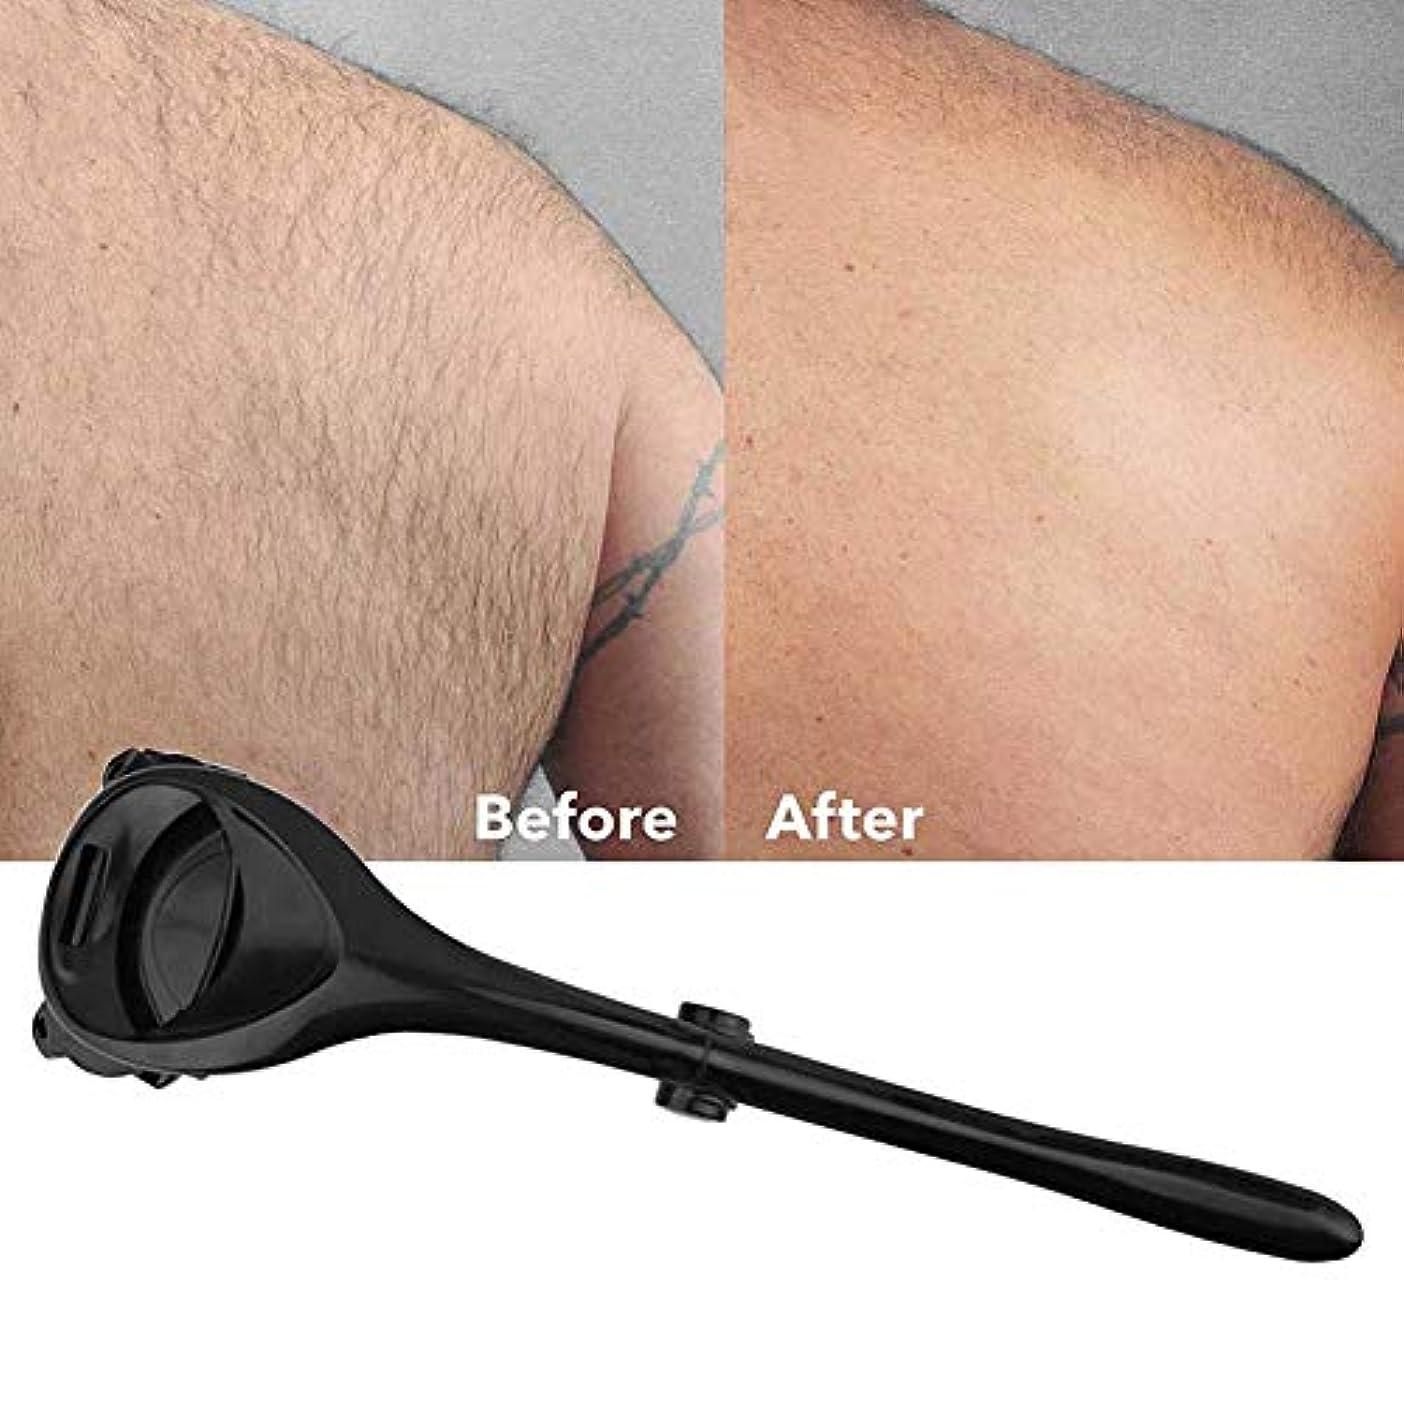 援助するメタルラインタールバックシェーバーロング男性の女性のための脱毛戻る髪レイザーパーソナル無痛体毛トリマーハンドル